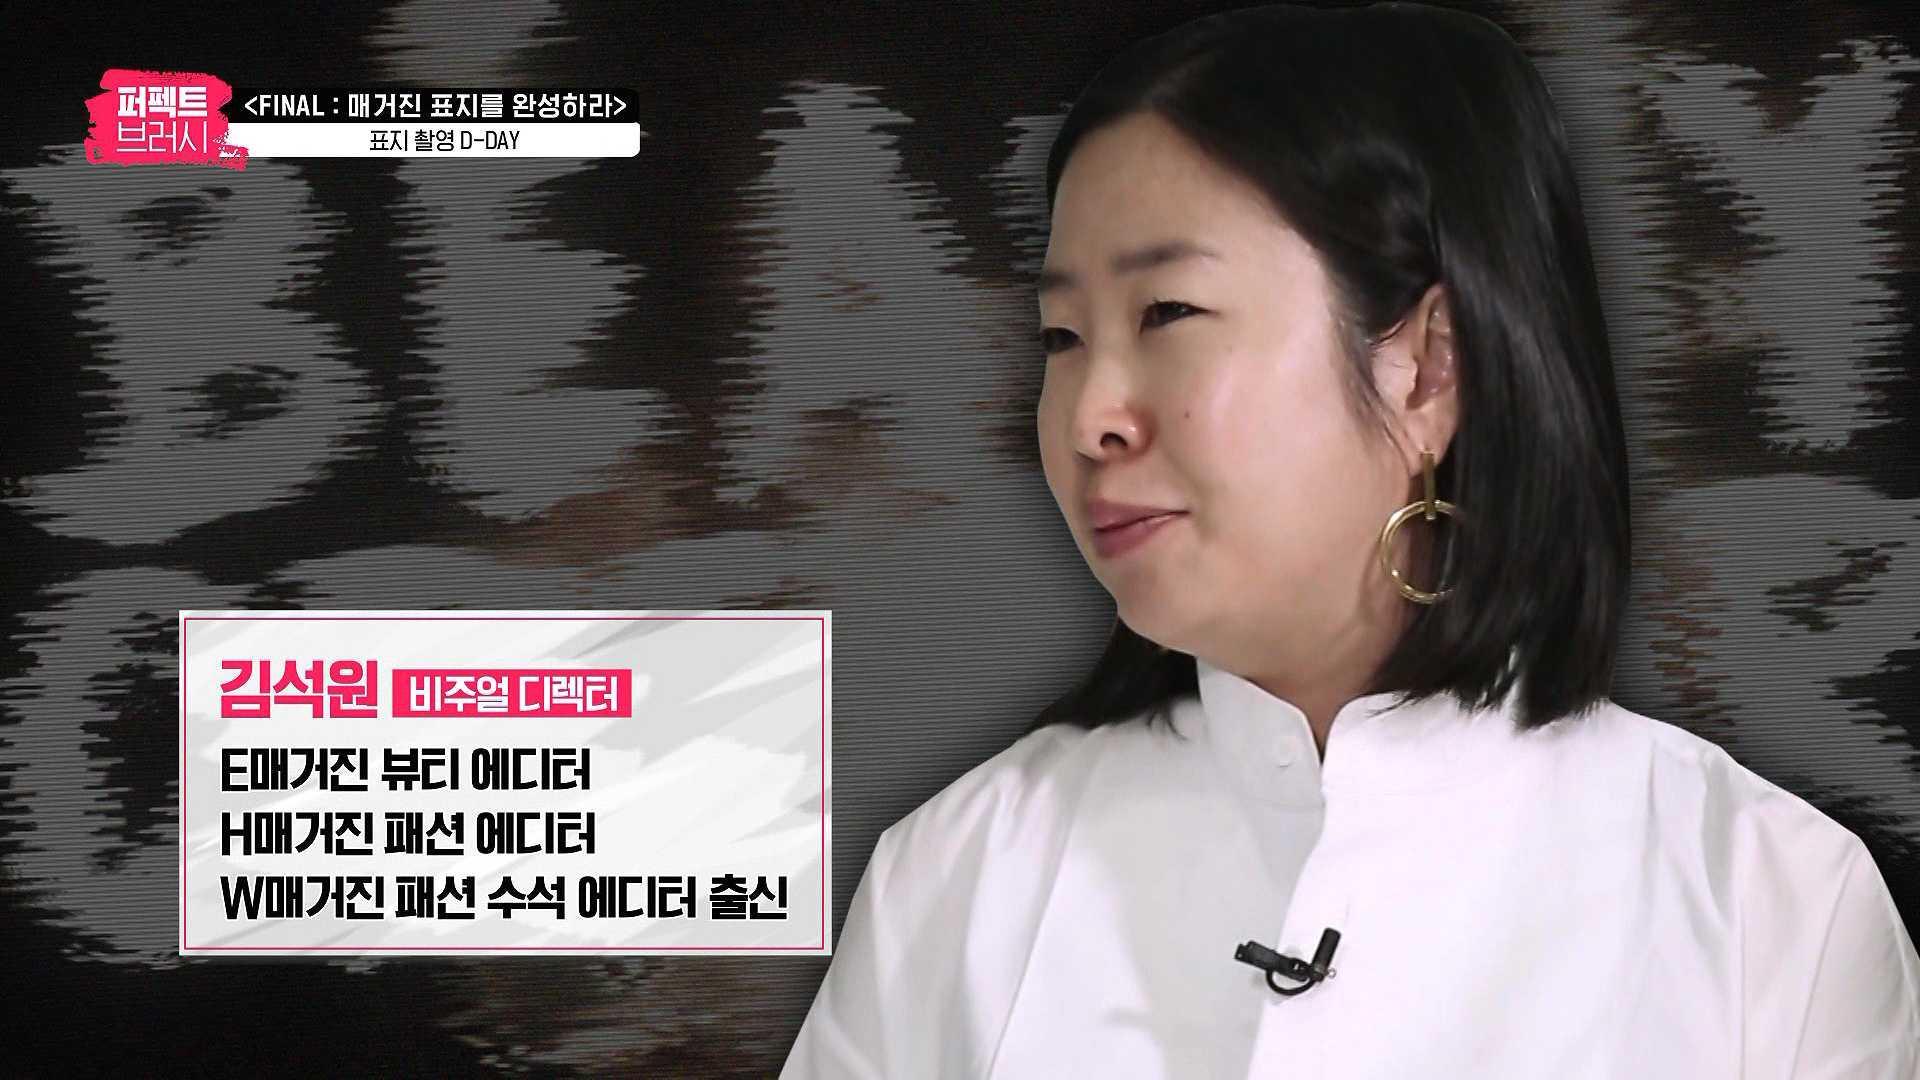 비주얼 디렉터 김석원 님!